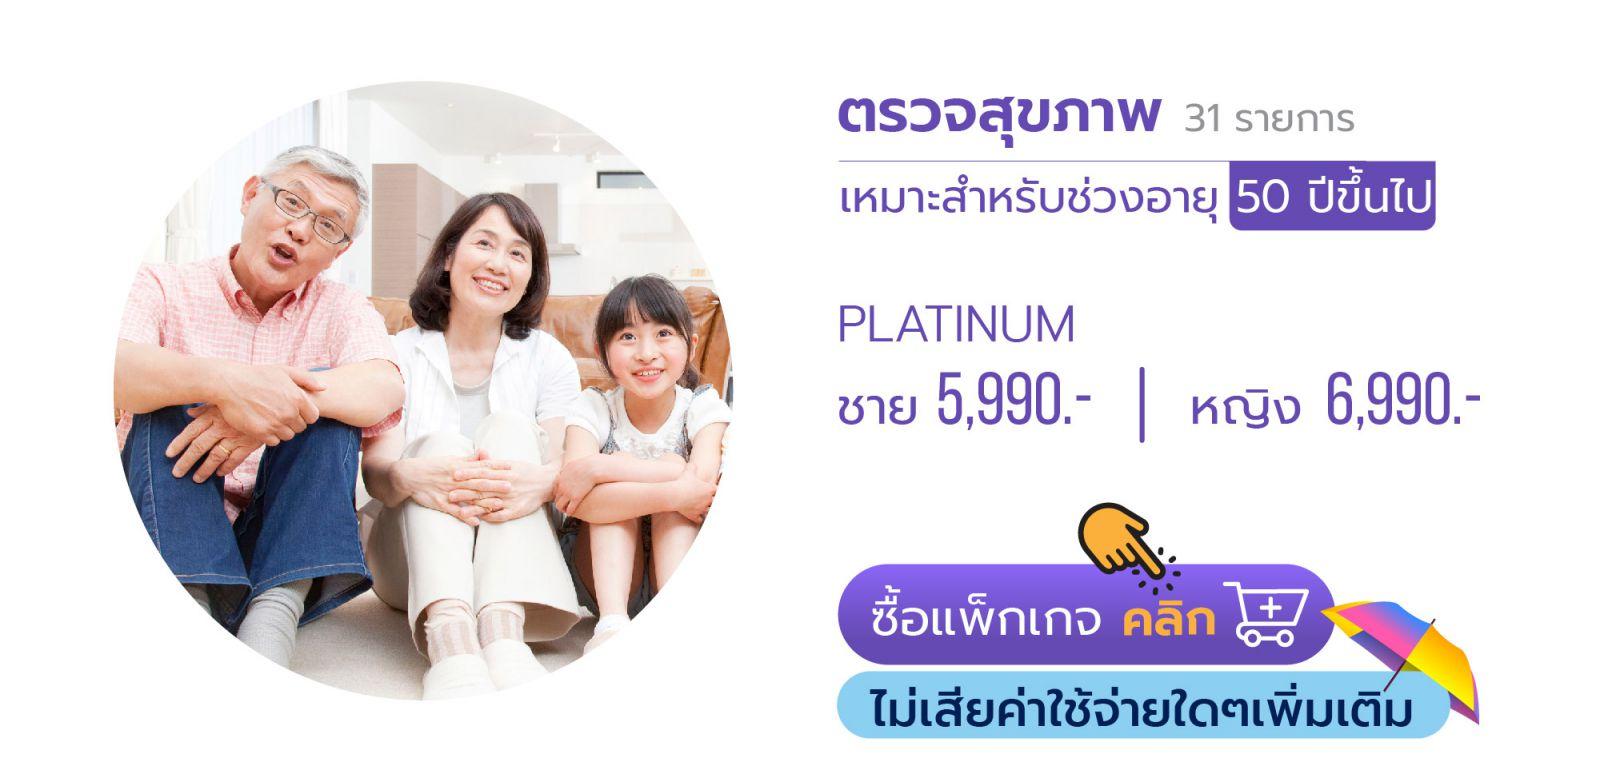 ตรวจสุขภาพ Platinum